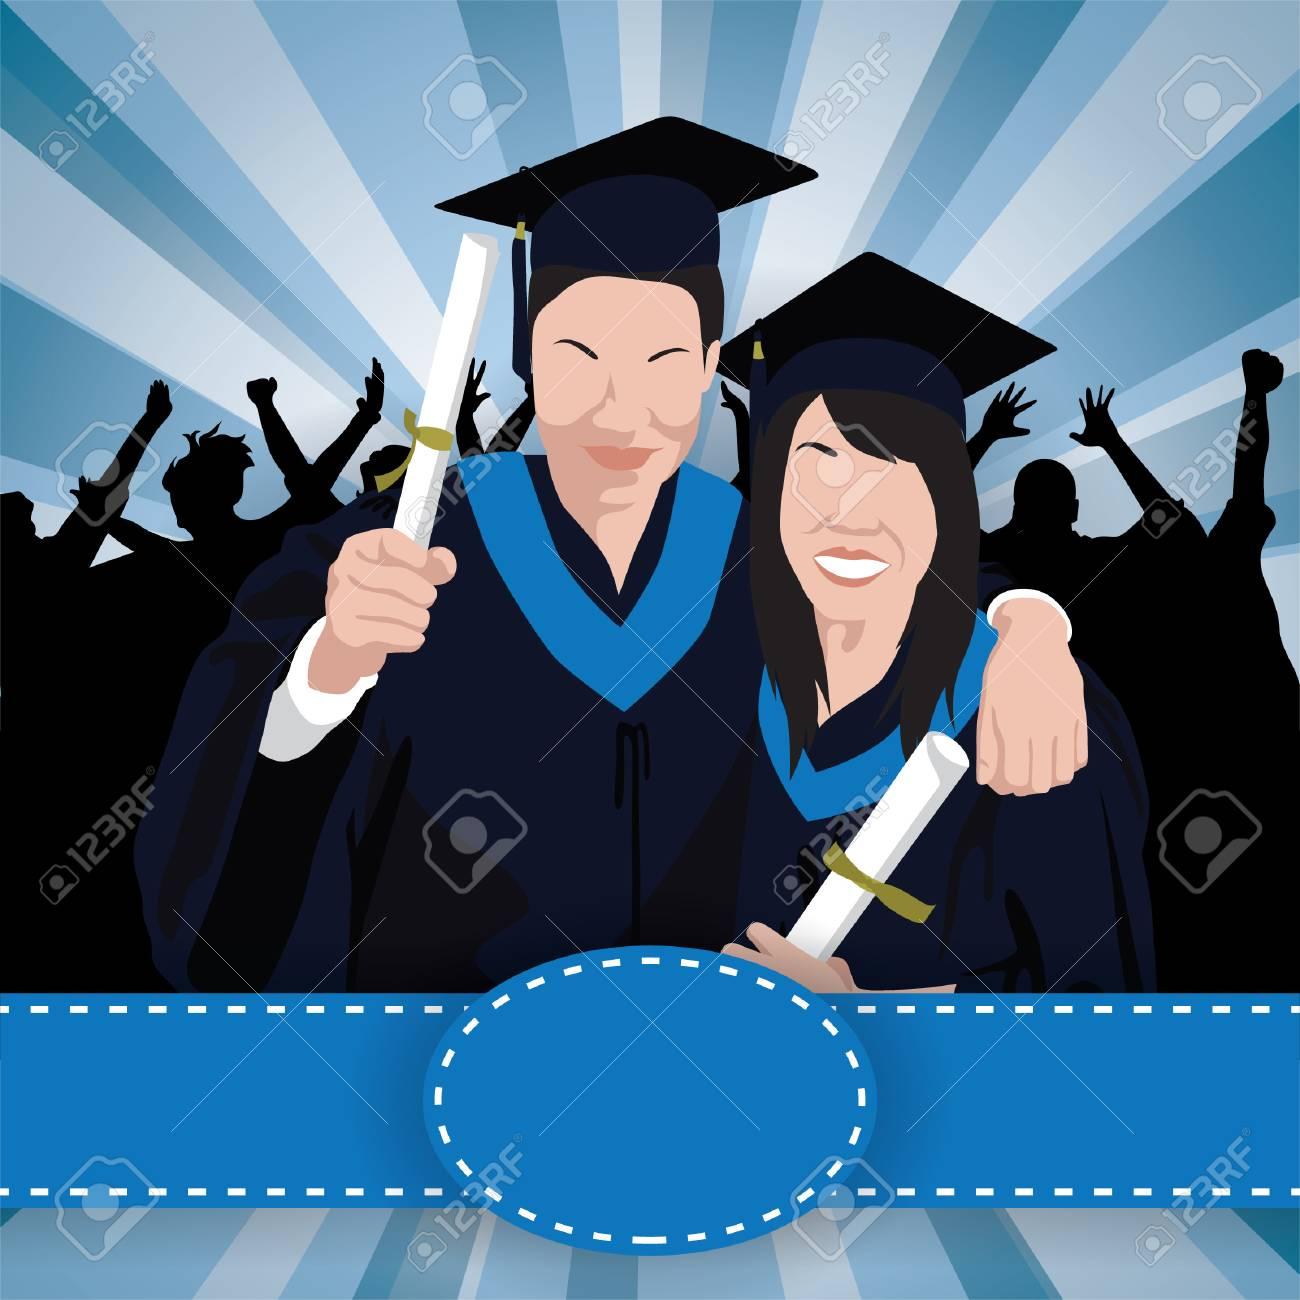 卒業壁紙のイラスト素材 ベクタ Image 43308906